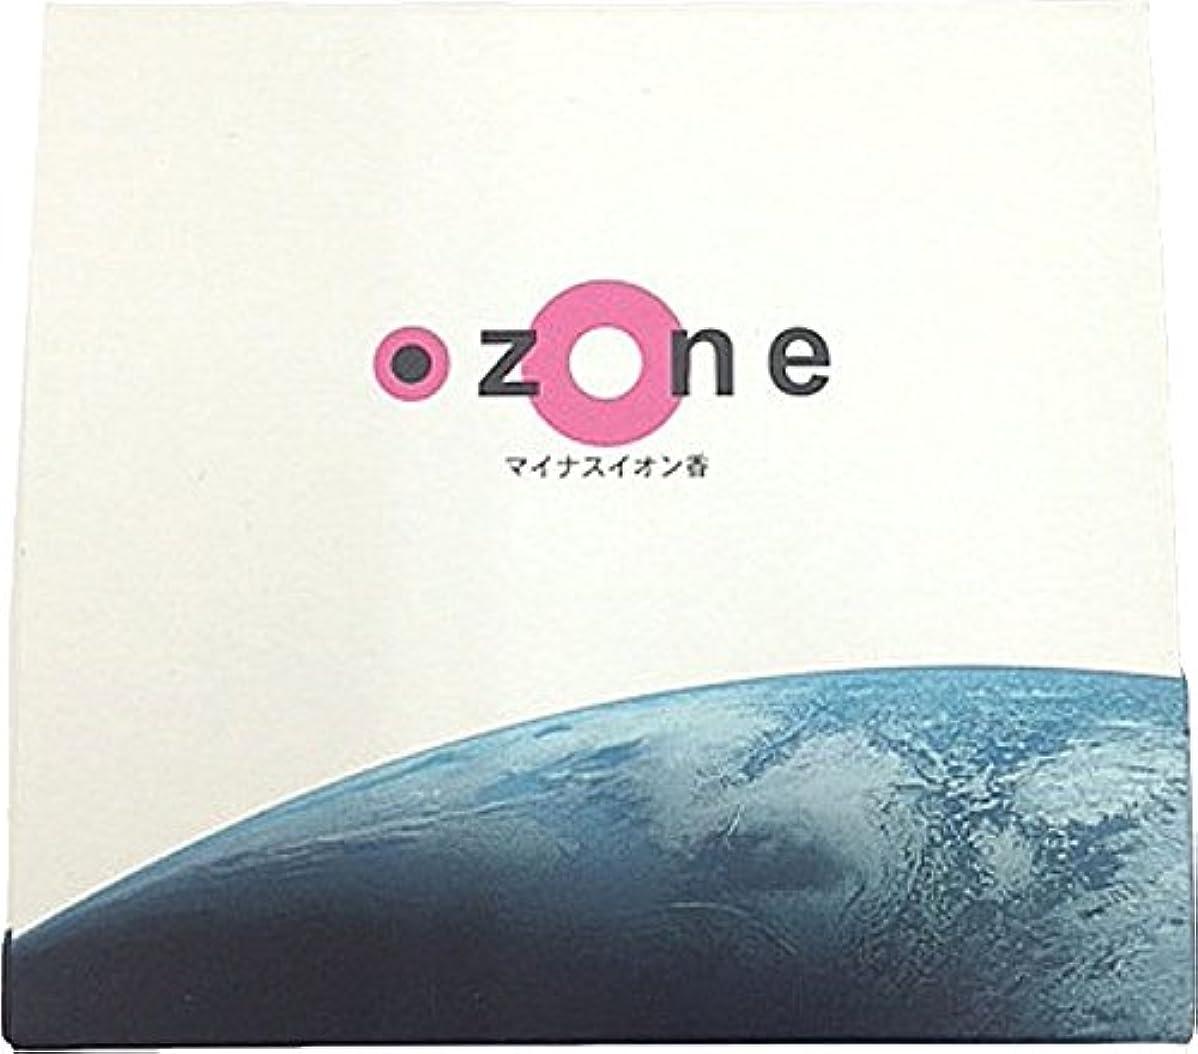 倍増ペルセウス硬さ悠々庵 OZONE 箱型 ピンクグレープフルーツ